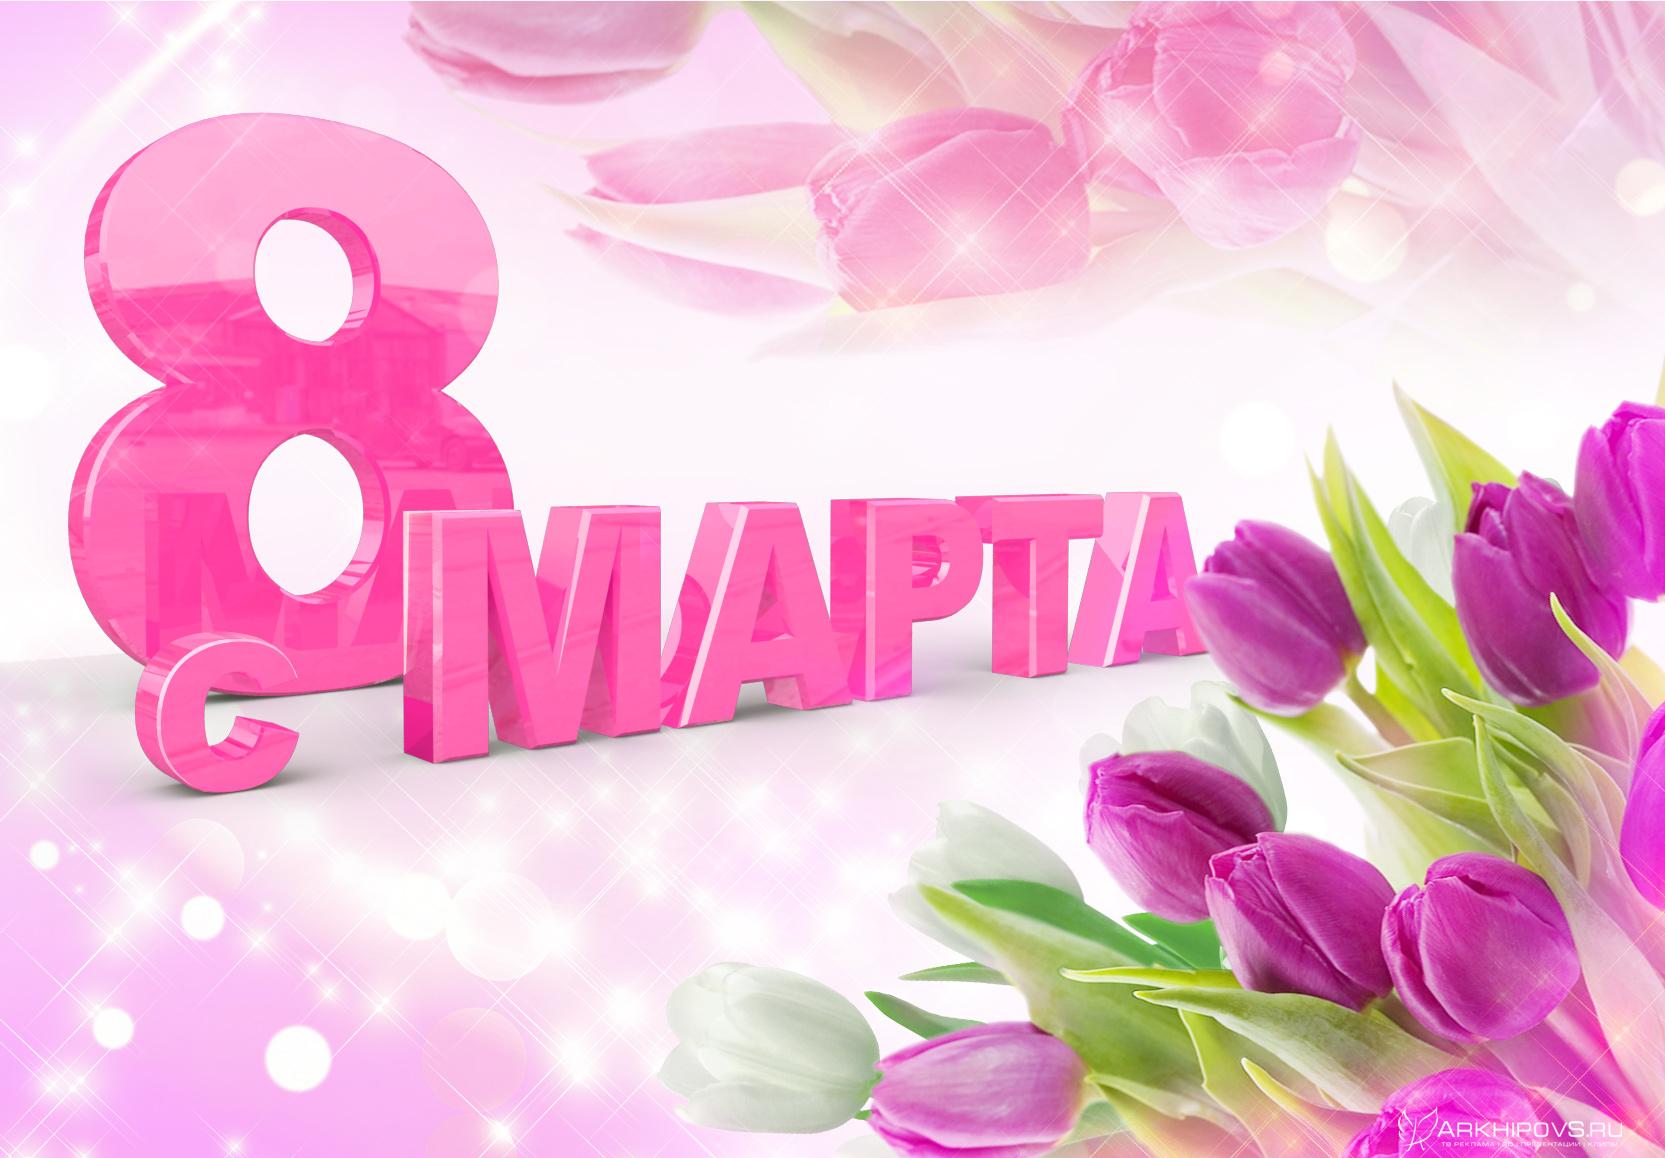 Милые женщины, девушки поздравляю ВАС с 8 марта!